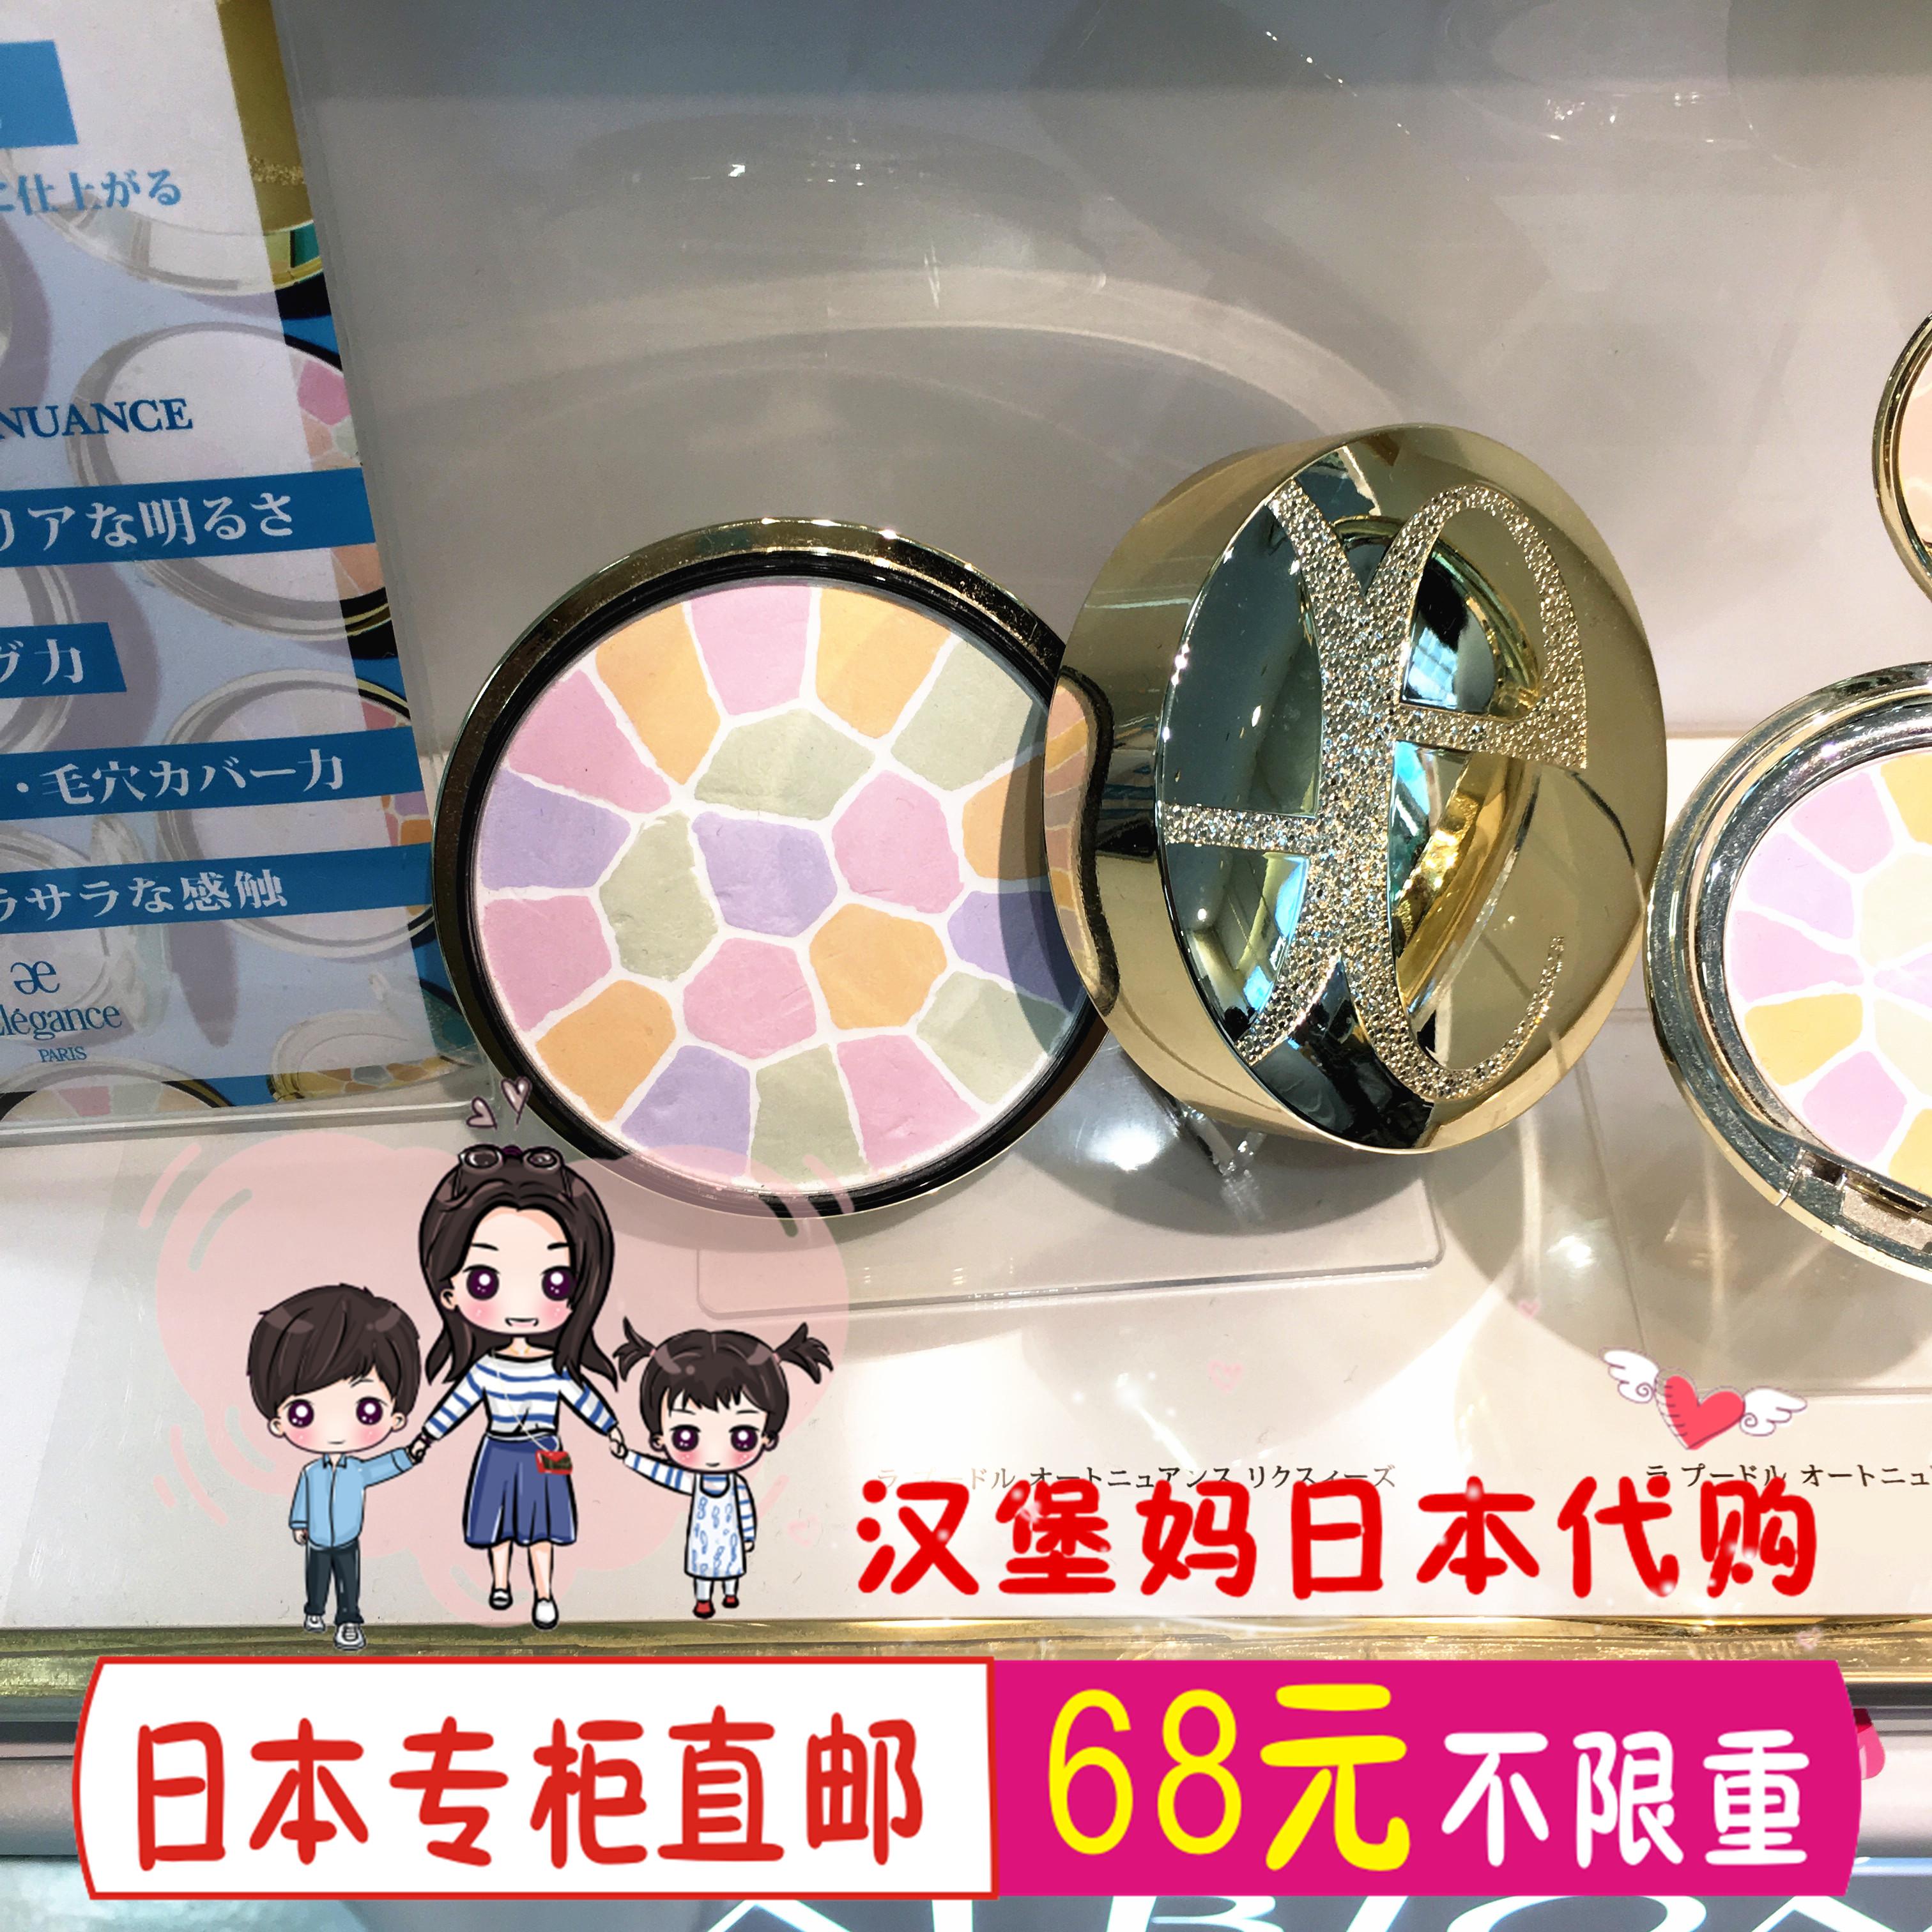 日本代購直郵Elegance雅莉格絲 歡顏蜜粉餅家庭裝27g E大餅